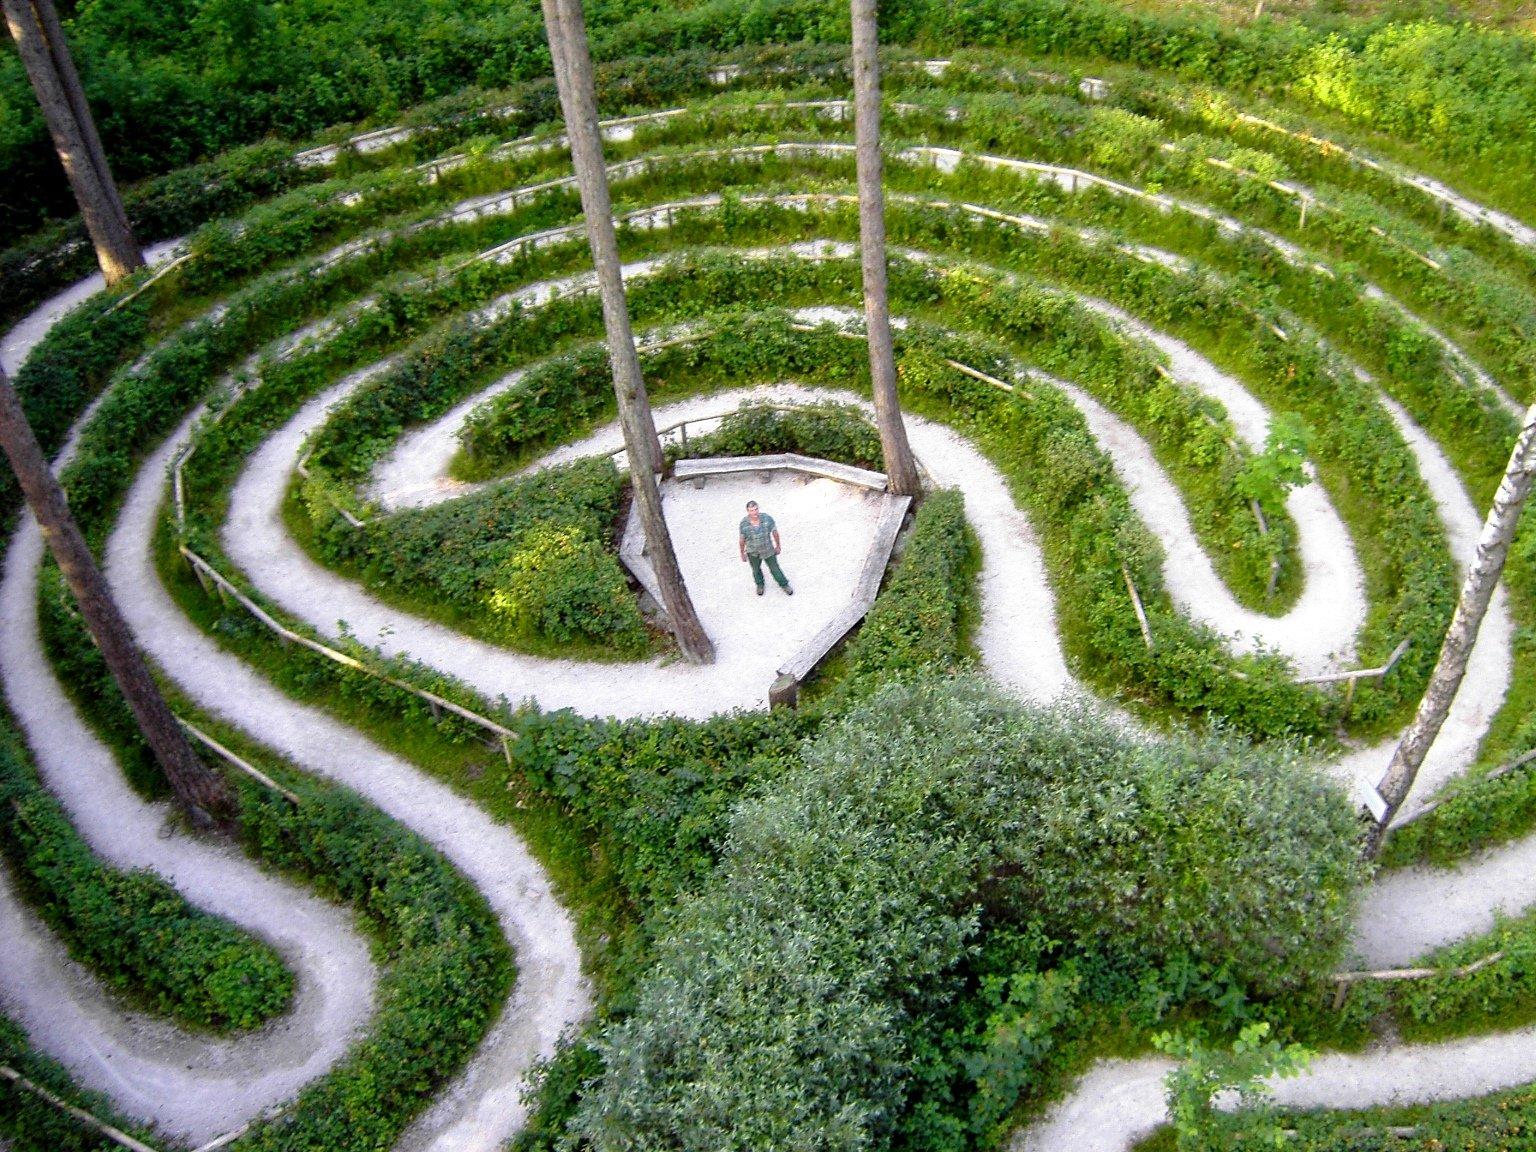 Waldlabyrinth auf dem Walderlebnispfad bei Freising